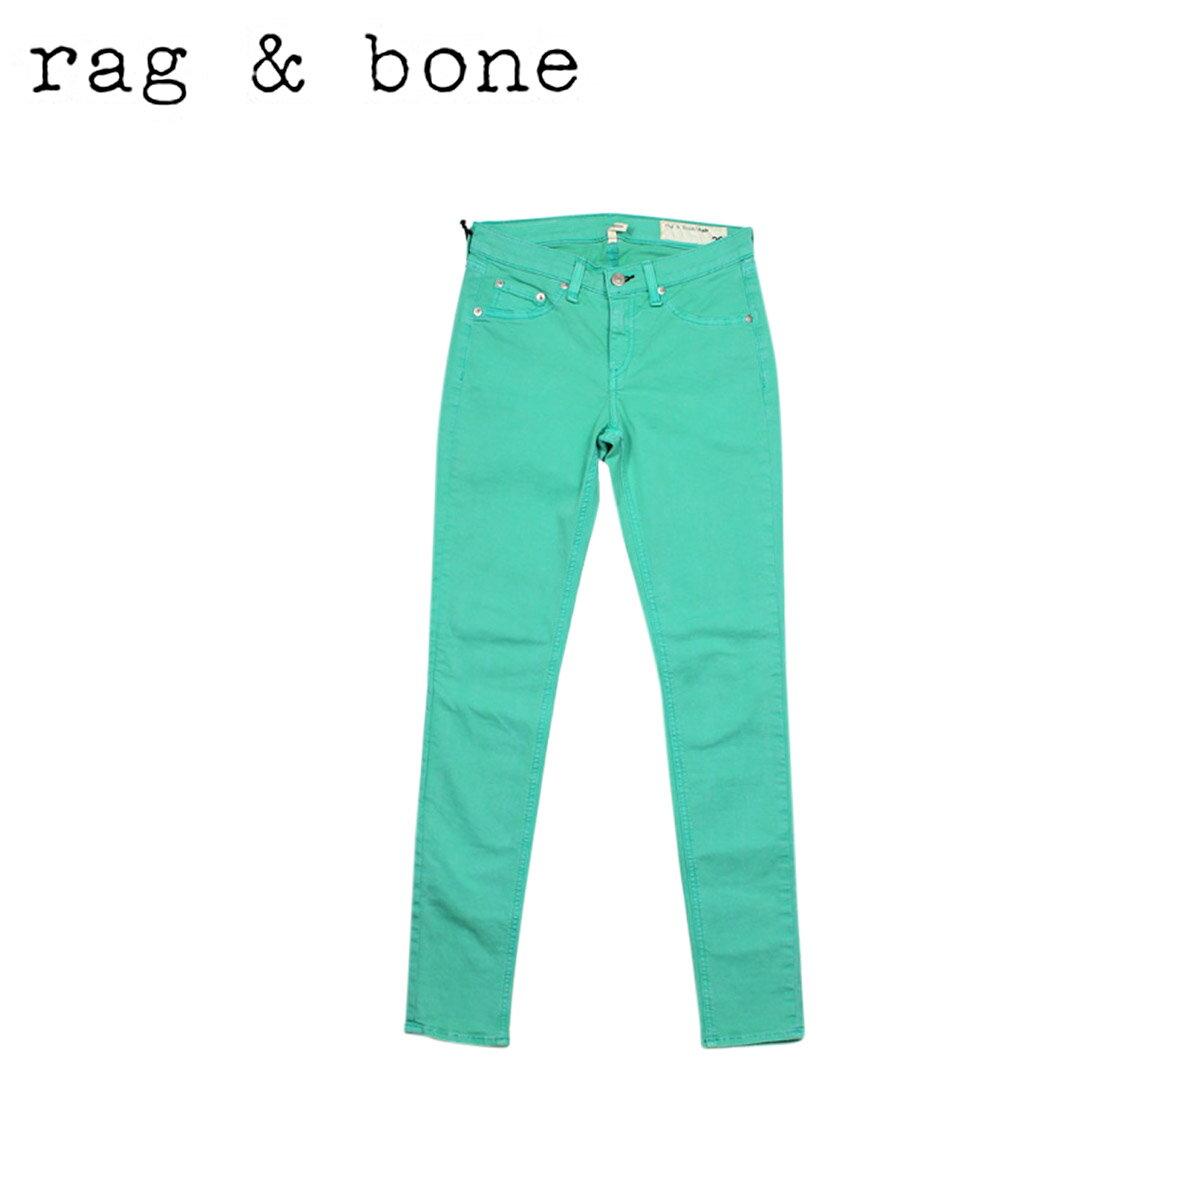 ラグアンドボーン rag&bone レギンス ジーンズ レディース [S70][返品不可]